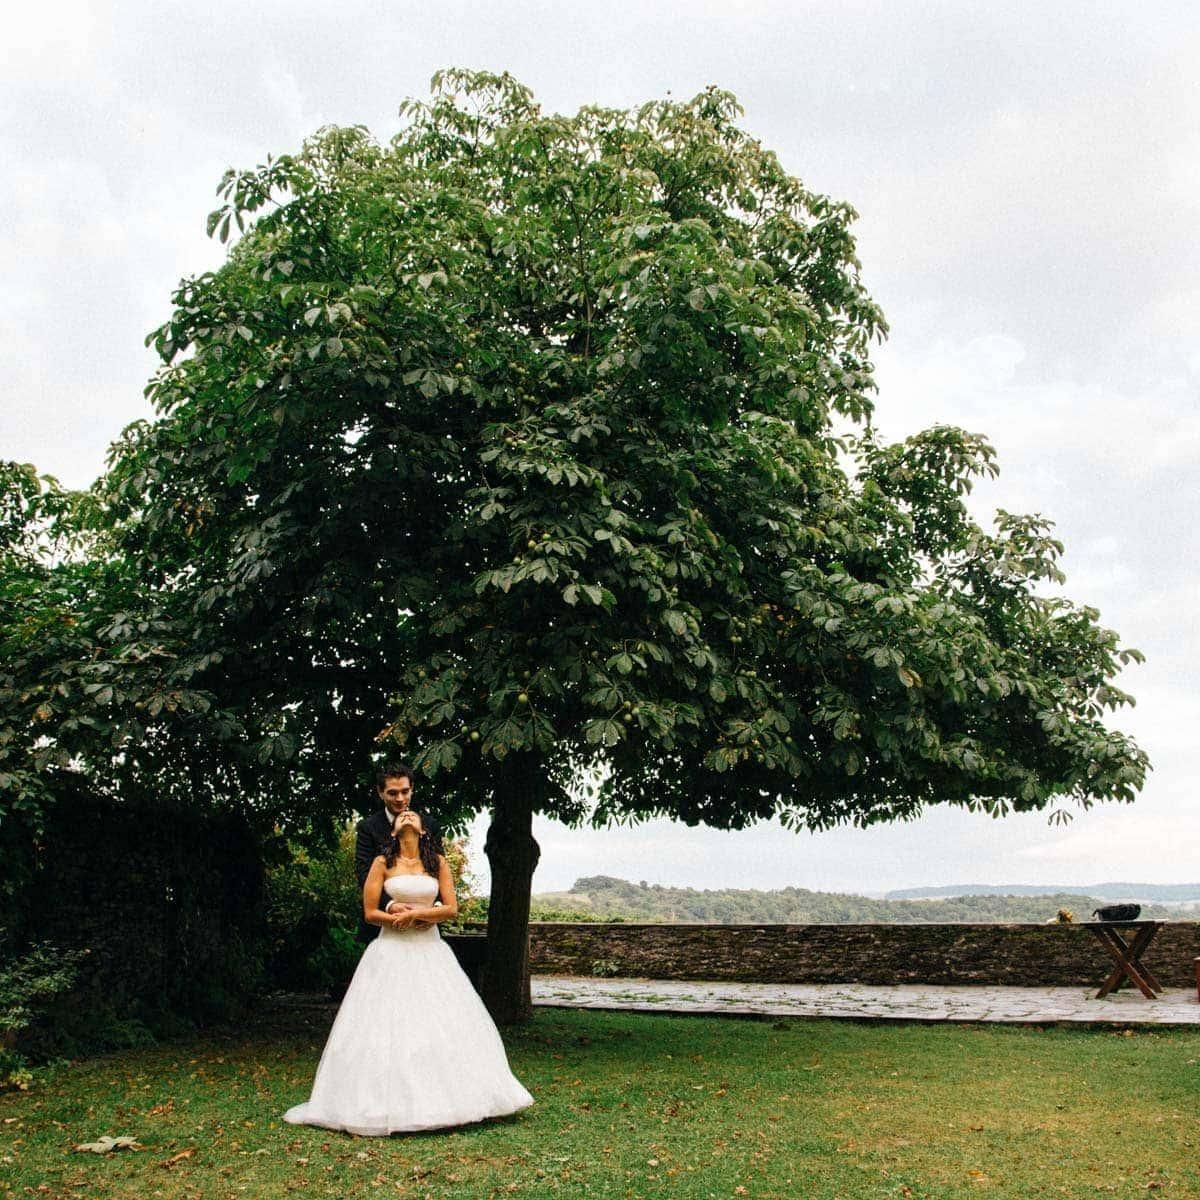 Fotografie eines Brautpaares unter einem blühenden Ahornbaum